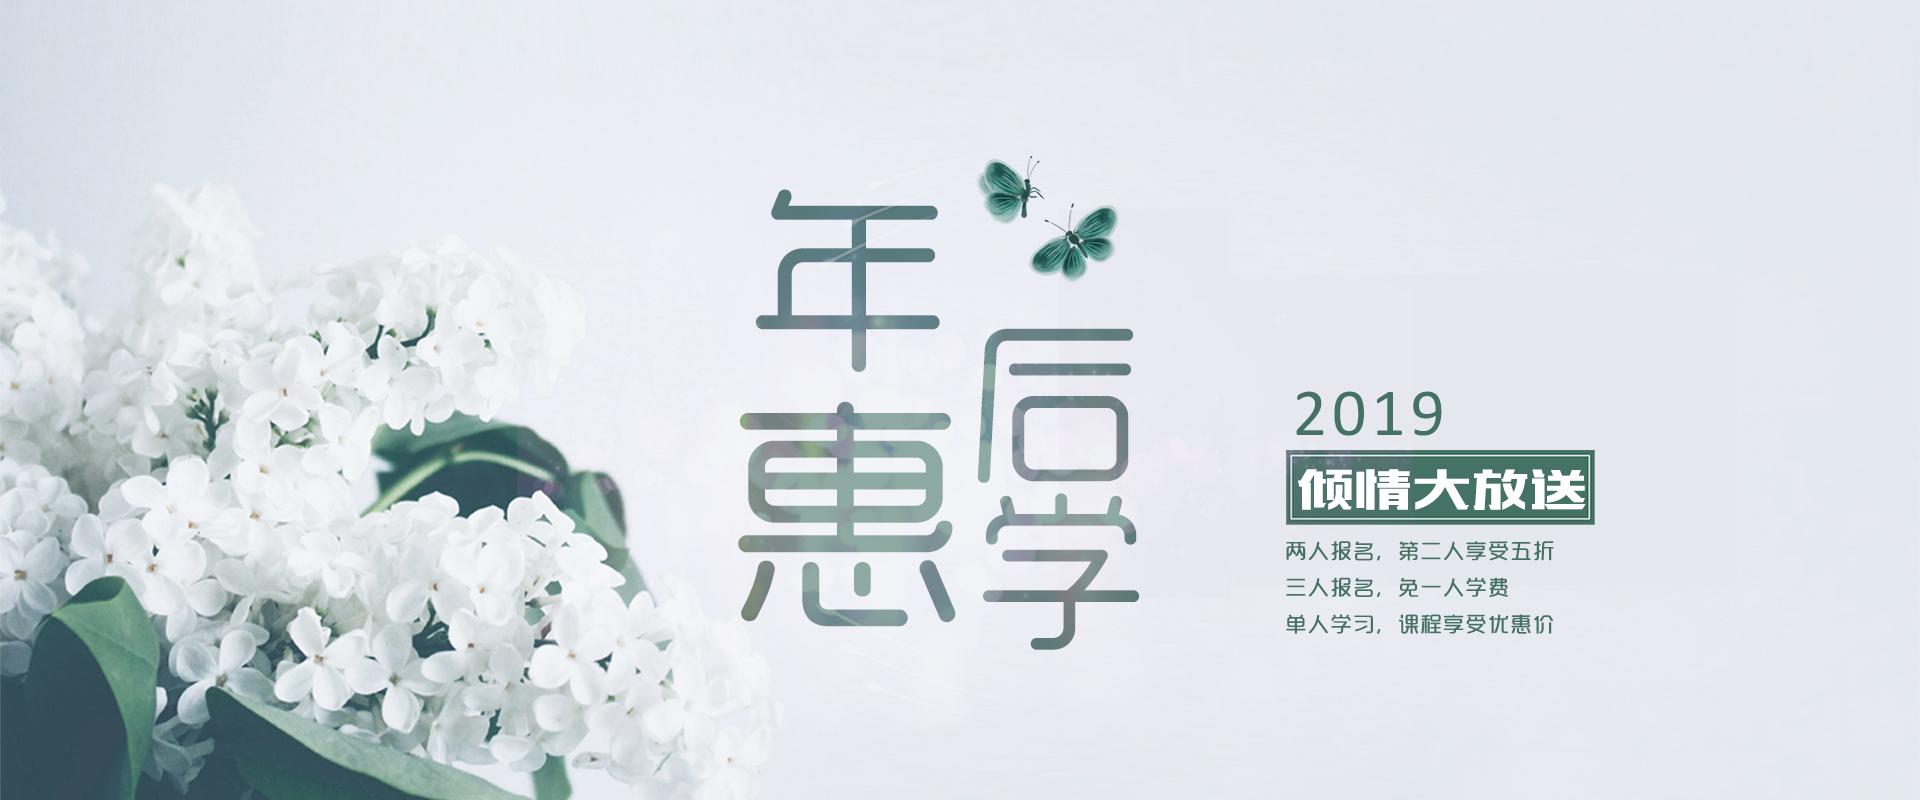 年后惠学banner